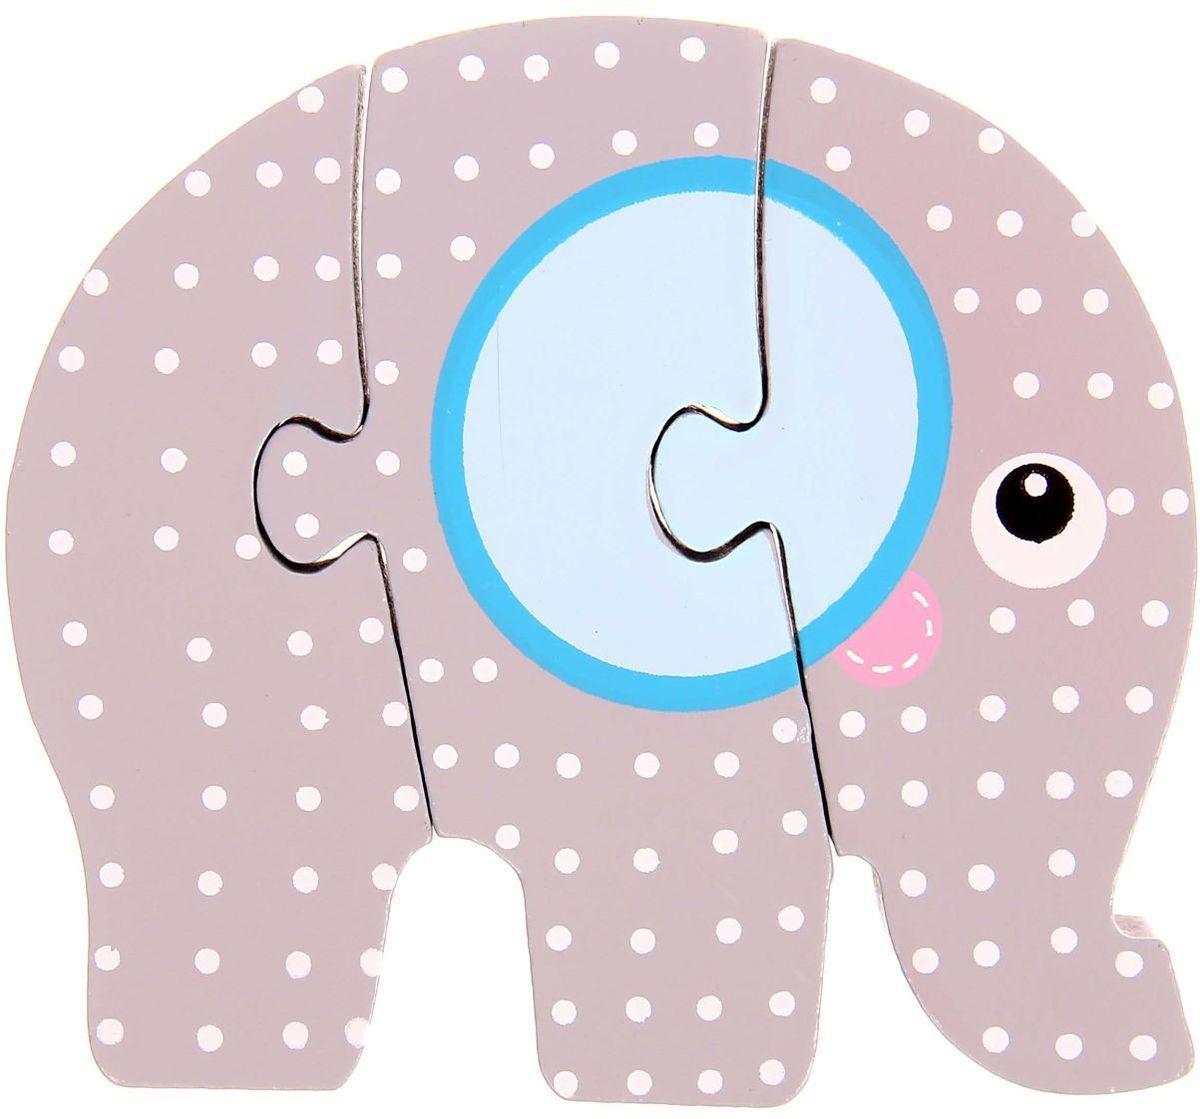 Лесная мастерская Пазл для малышей Слон 1160411 лесная мастерская пазл для малышей лисичка